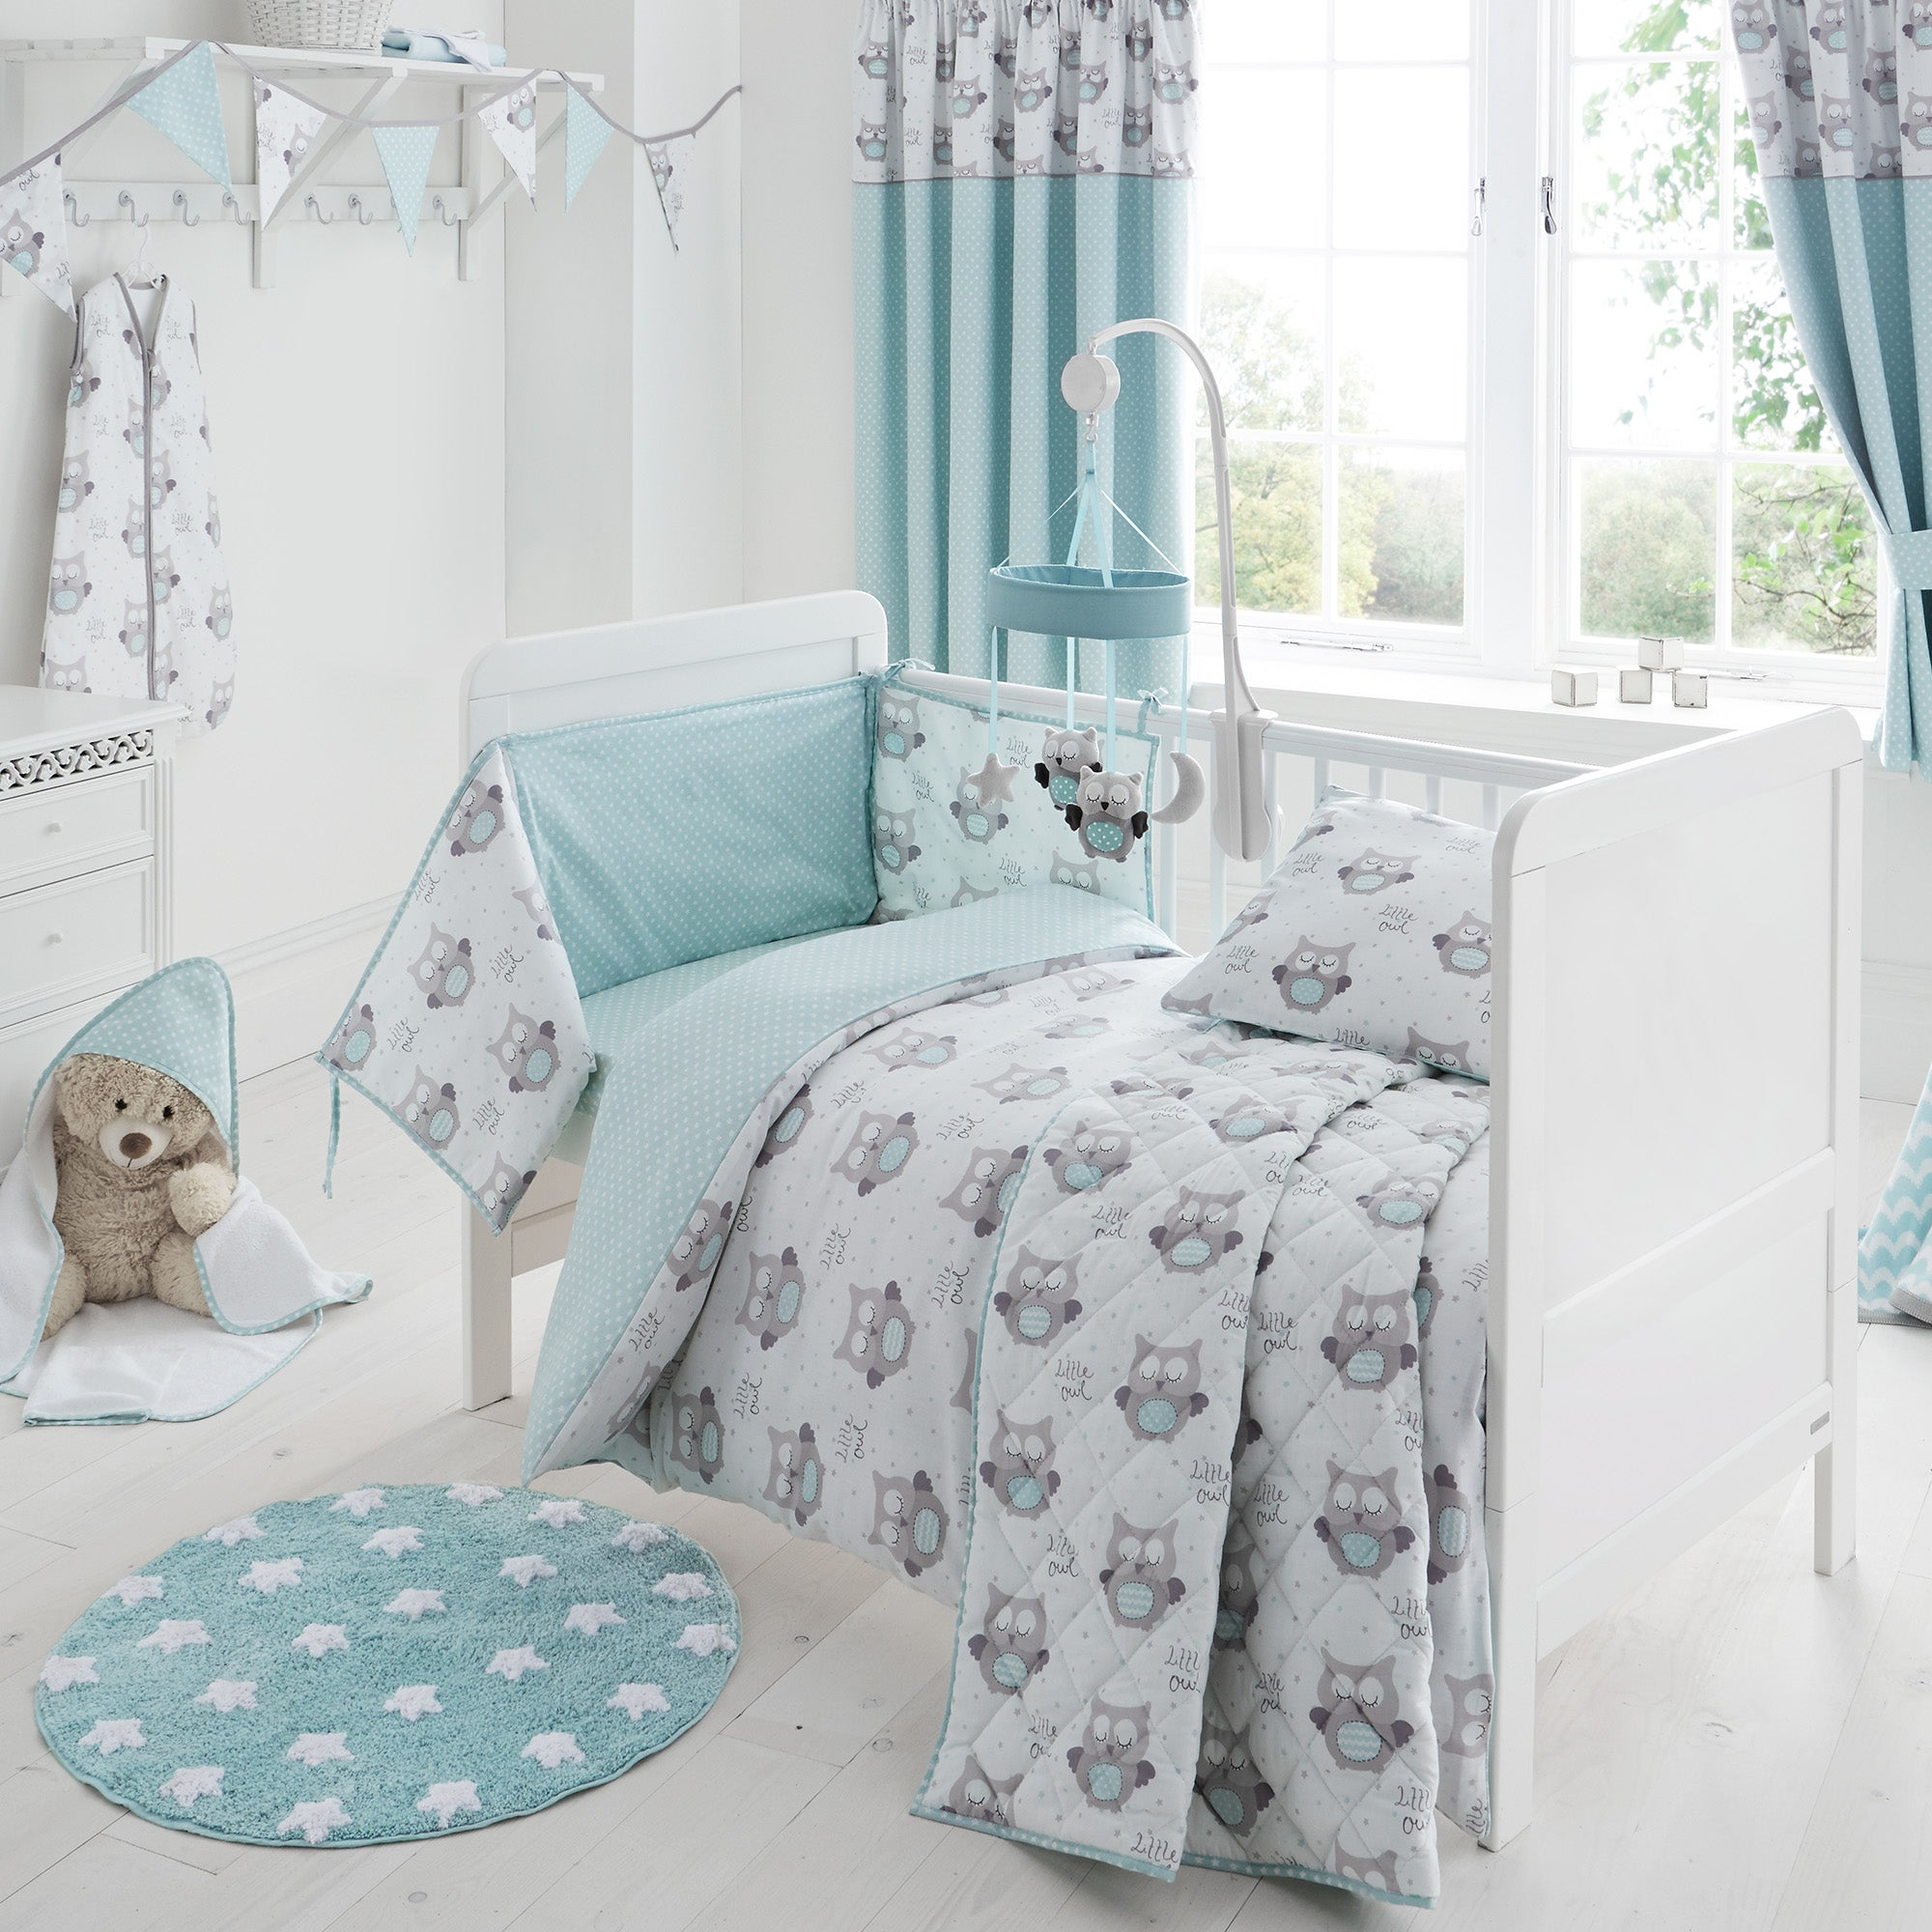 owls nursery bed linen collection dunelm